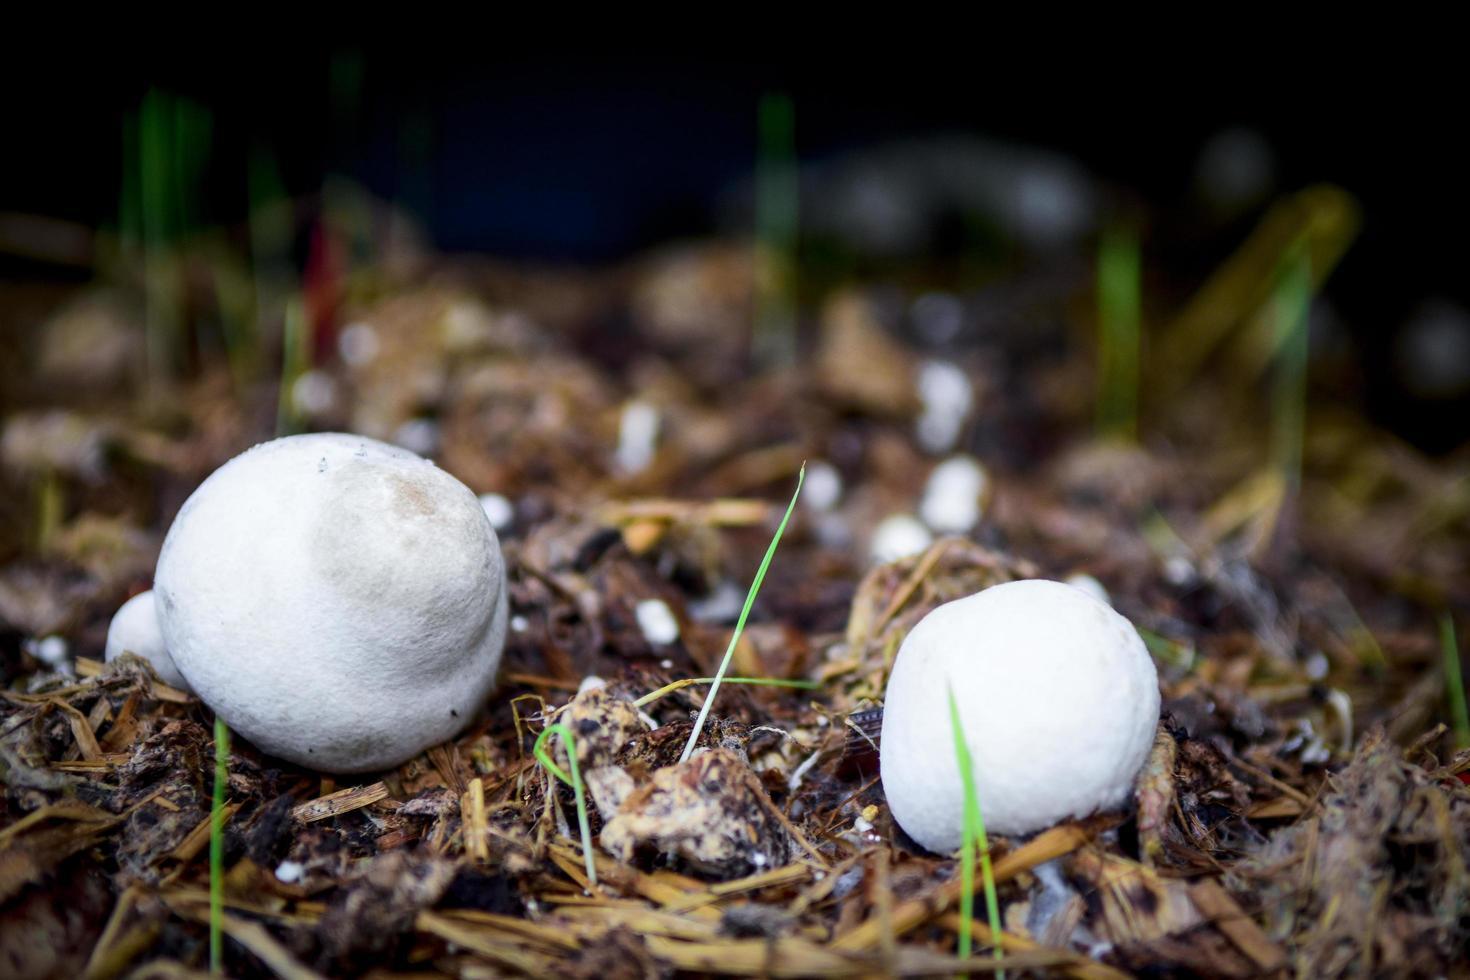 due funghi bianchi foto